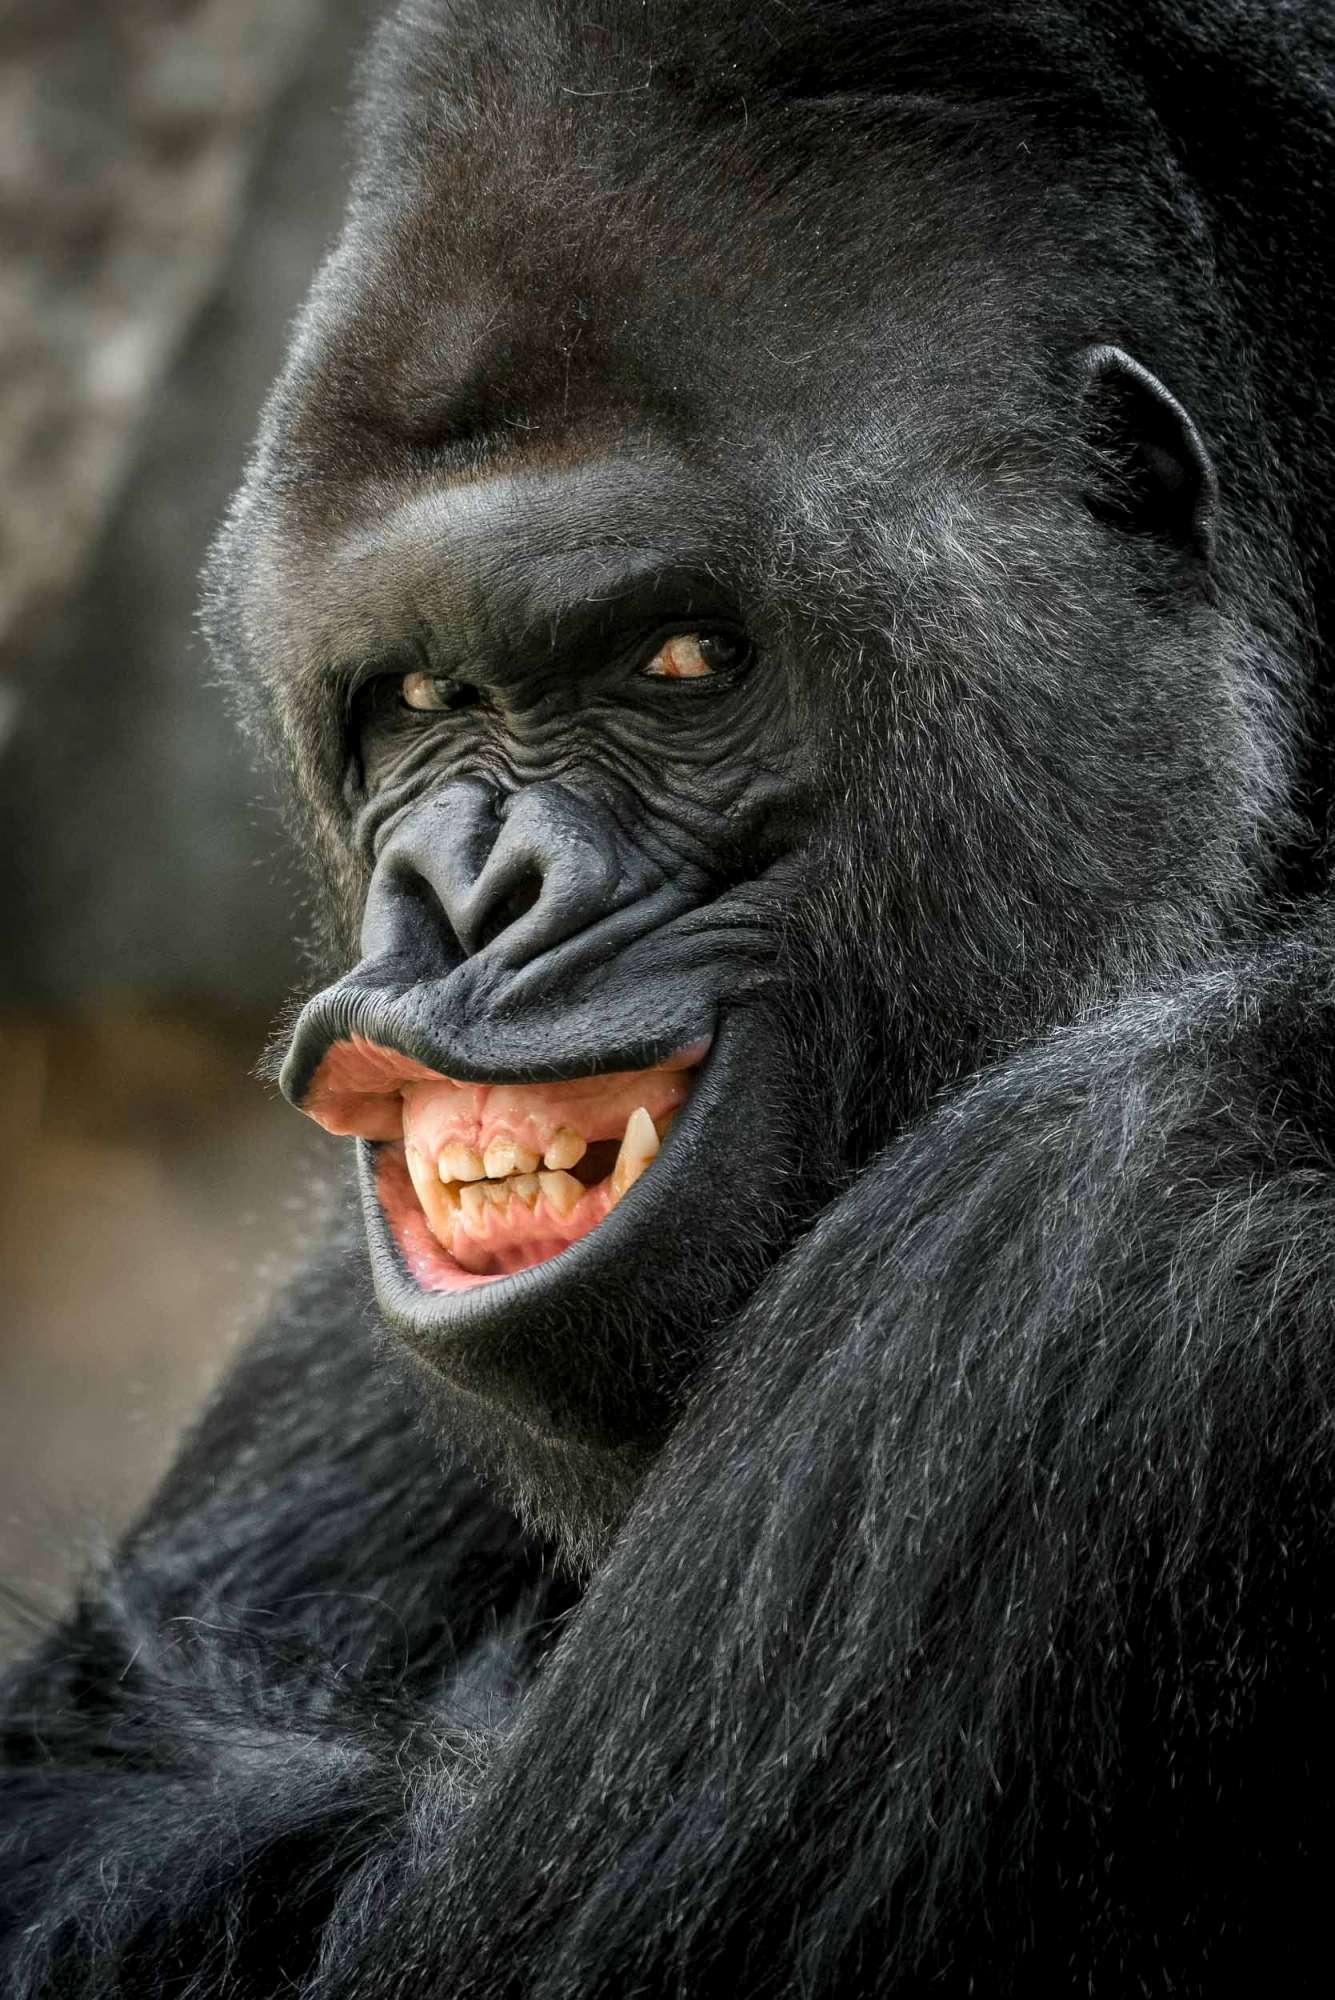 Praga, il gorilla fotogenico dello zoo in posa per i visitatori